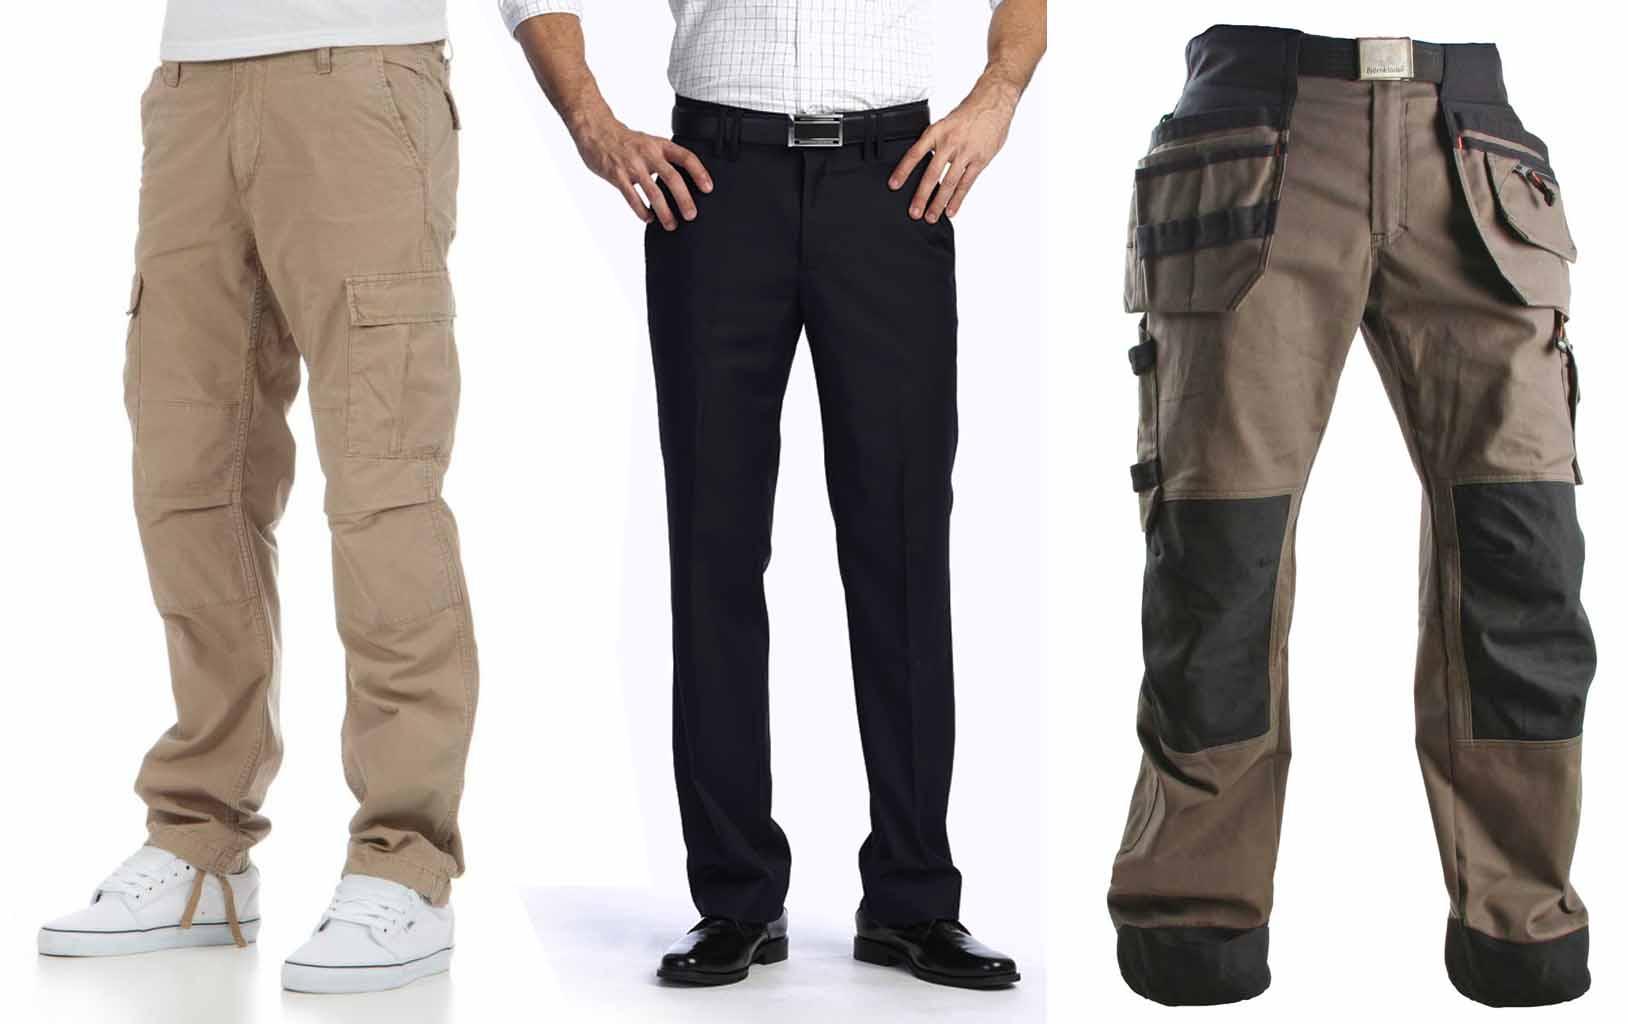 Scegliere i pantaloni